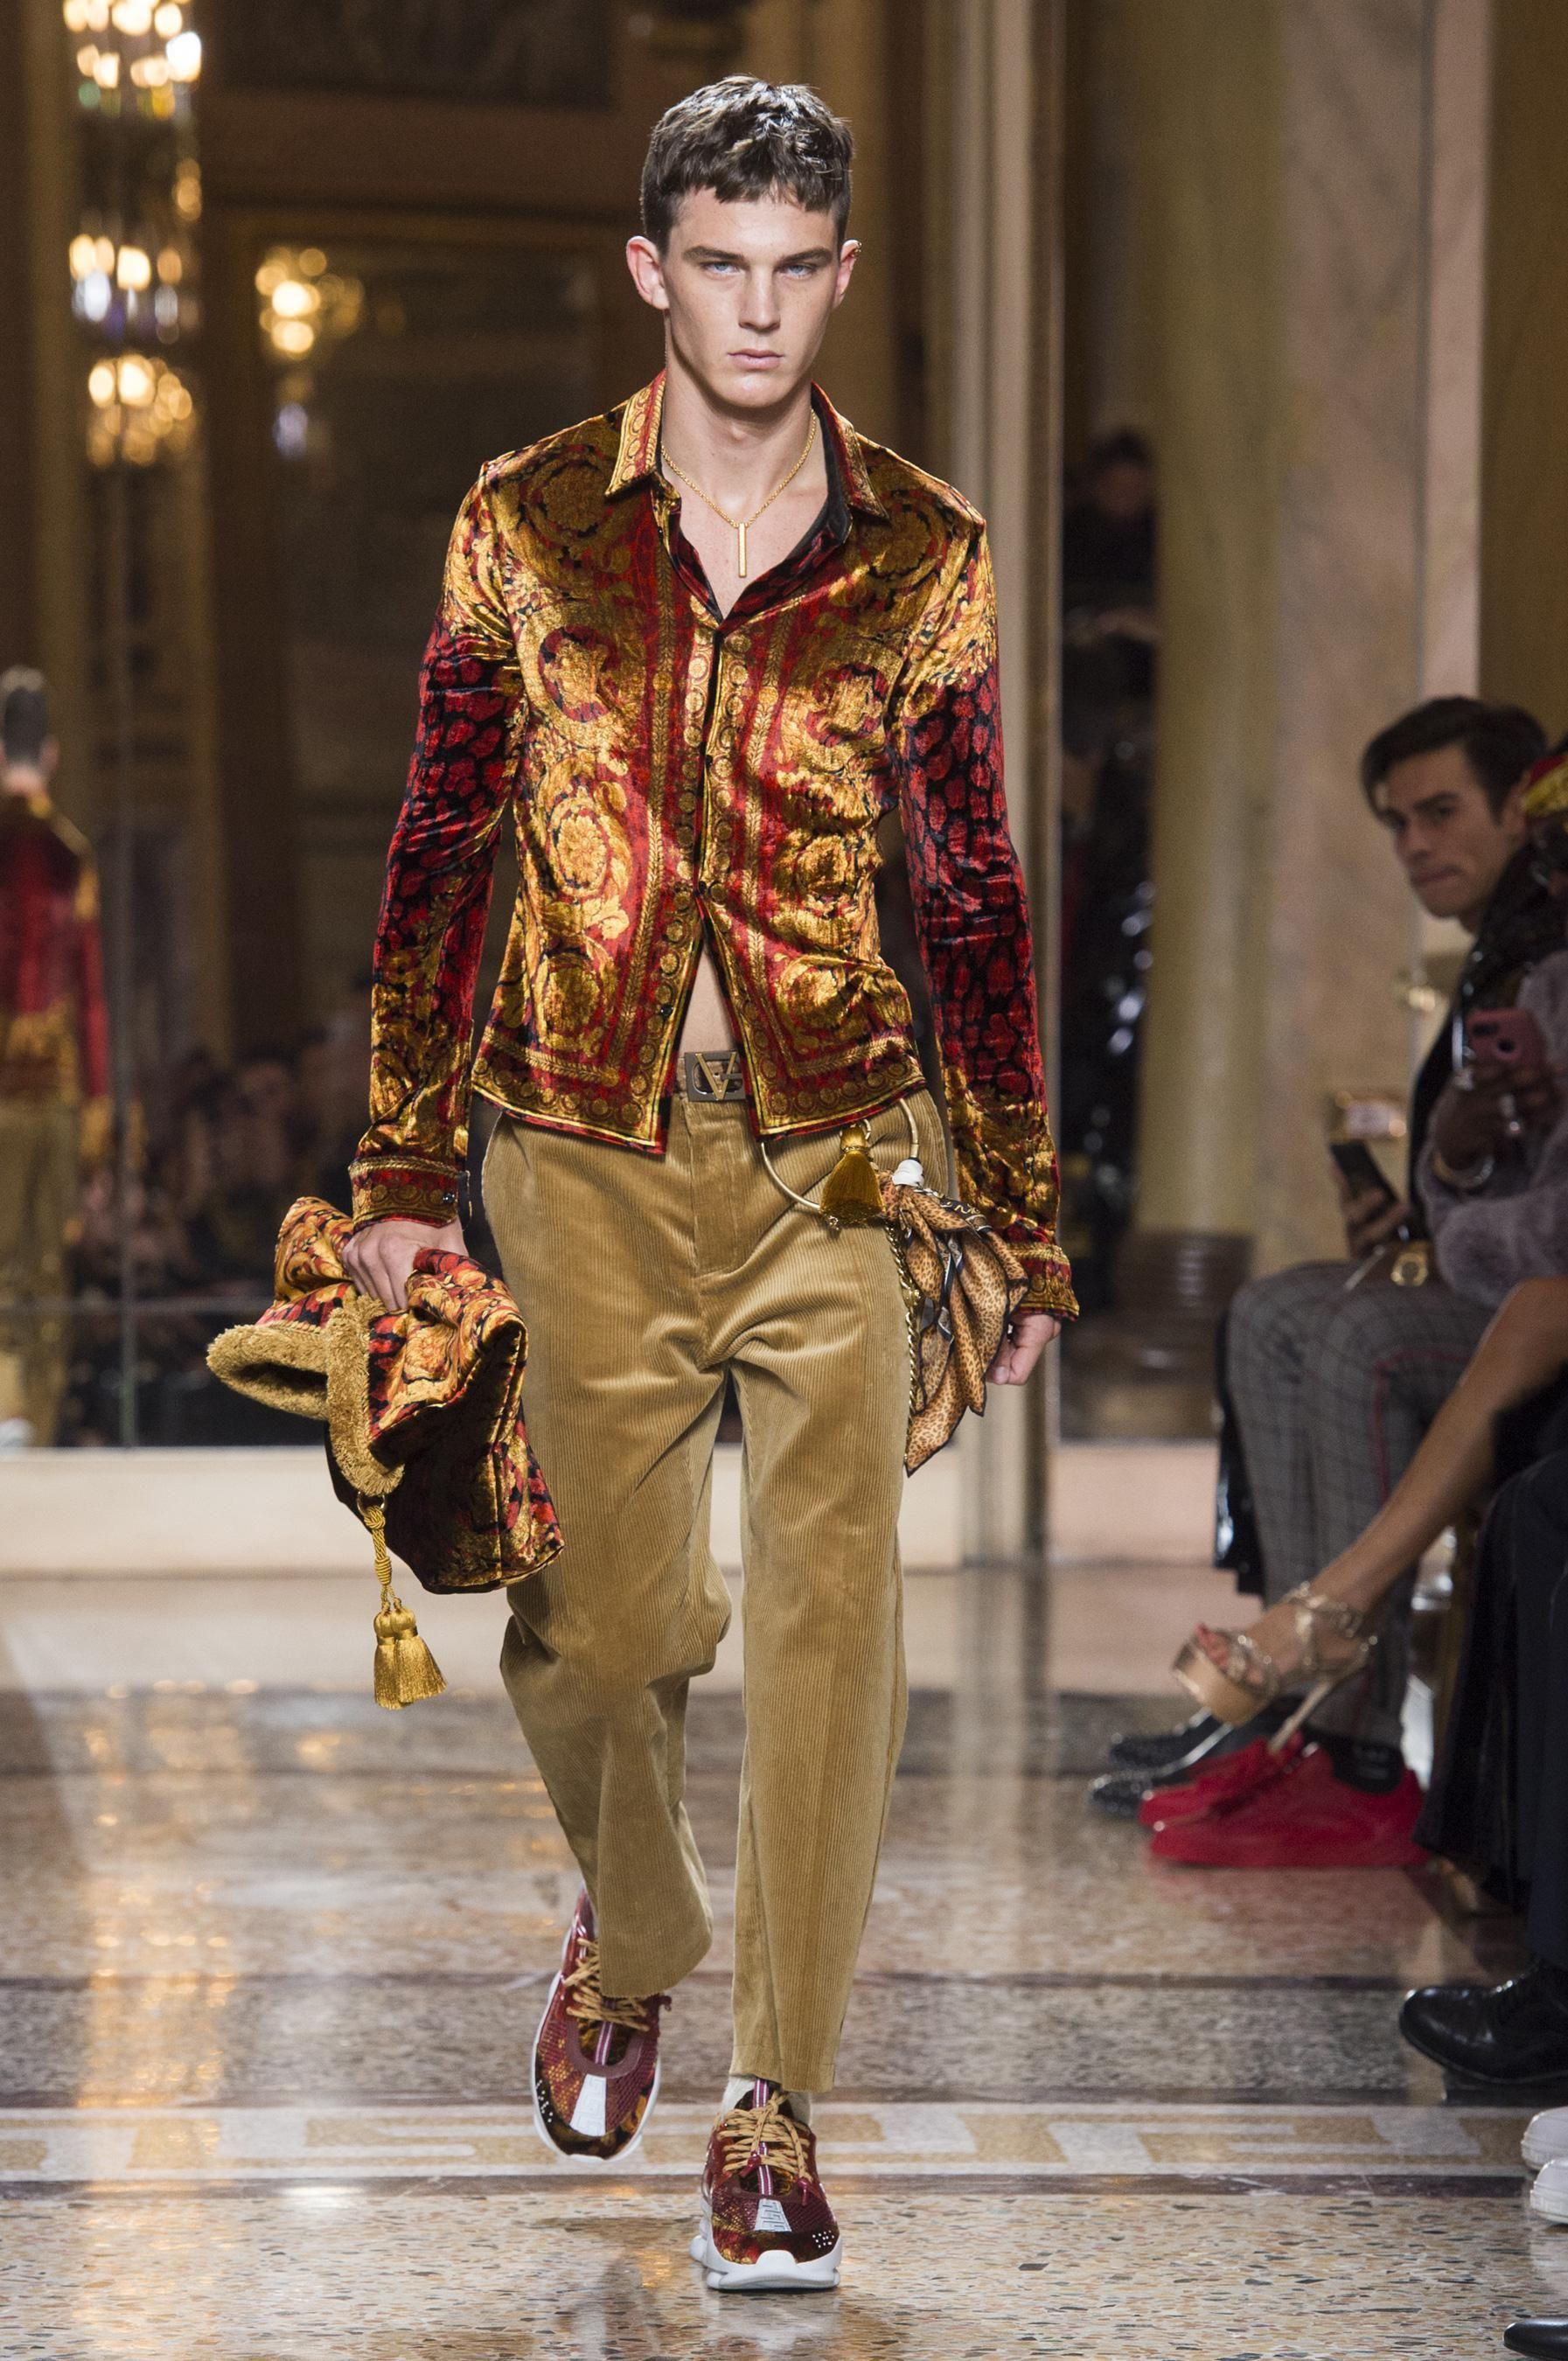 7266688acc7a Défilé Versace automne-hiver 2018-2019 Homme - Madame Figaro Tendance Mode  Homme,